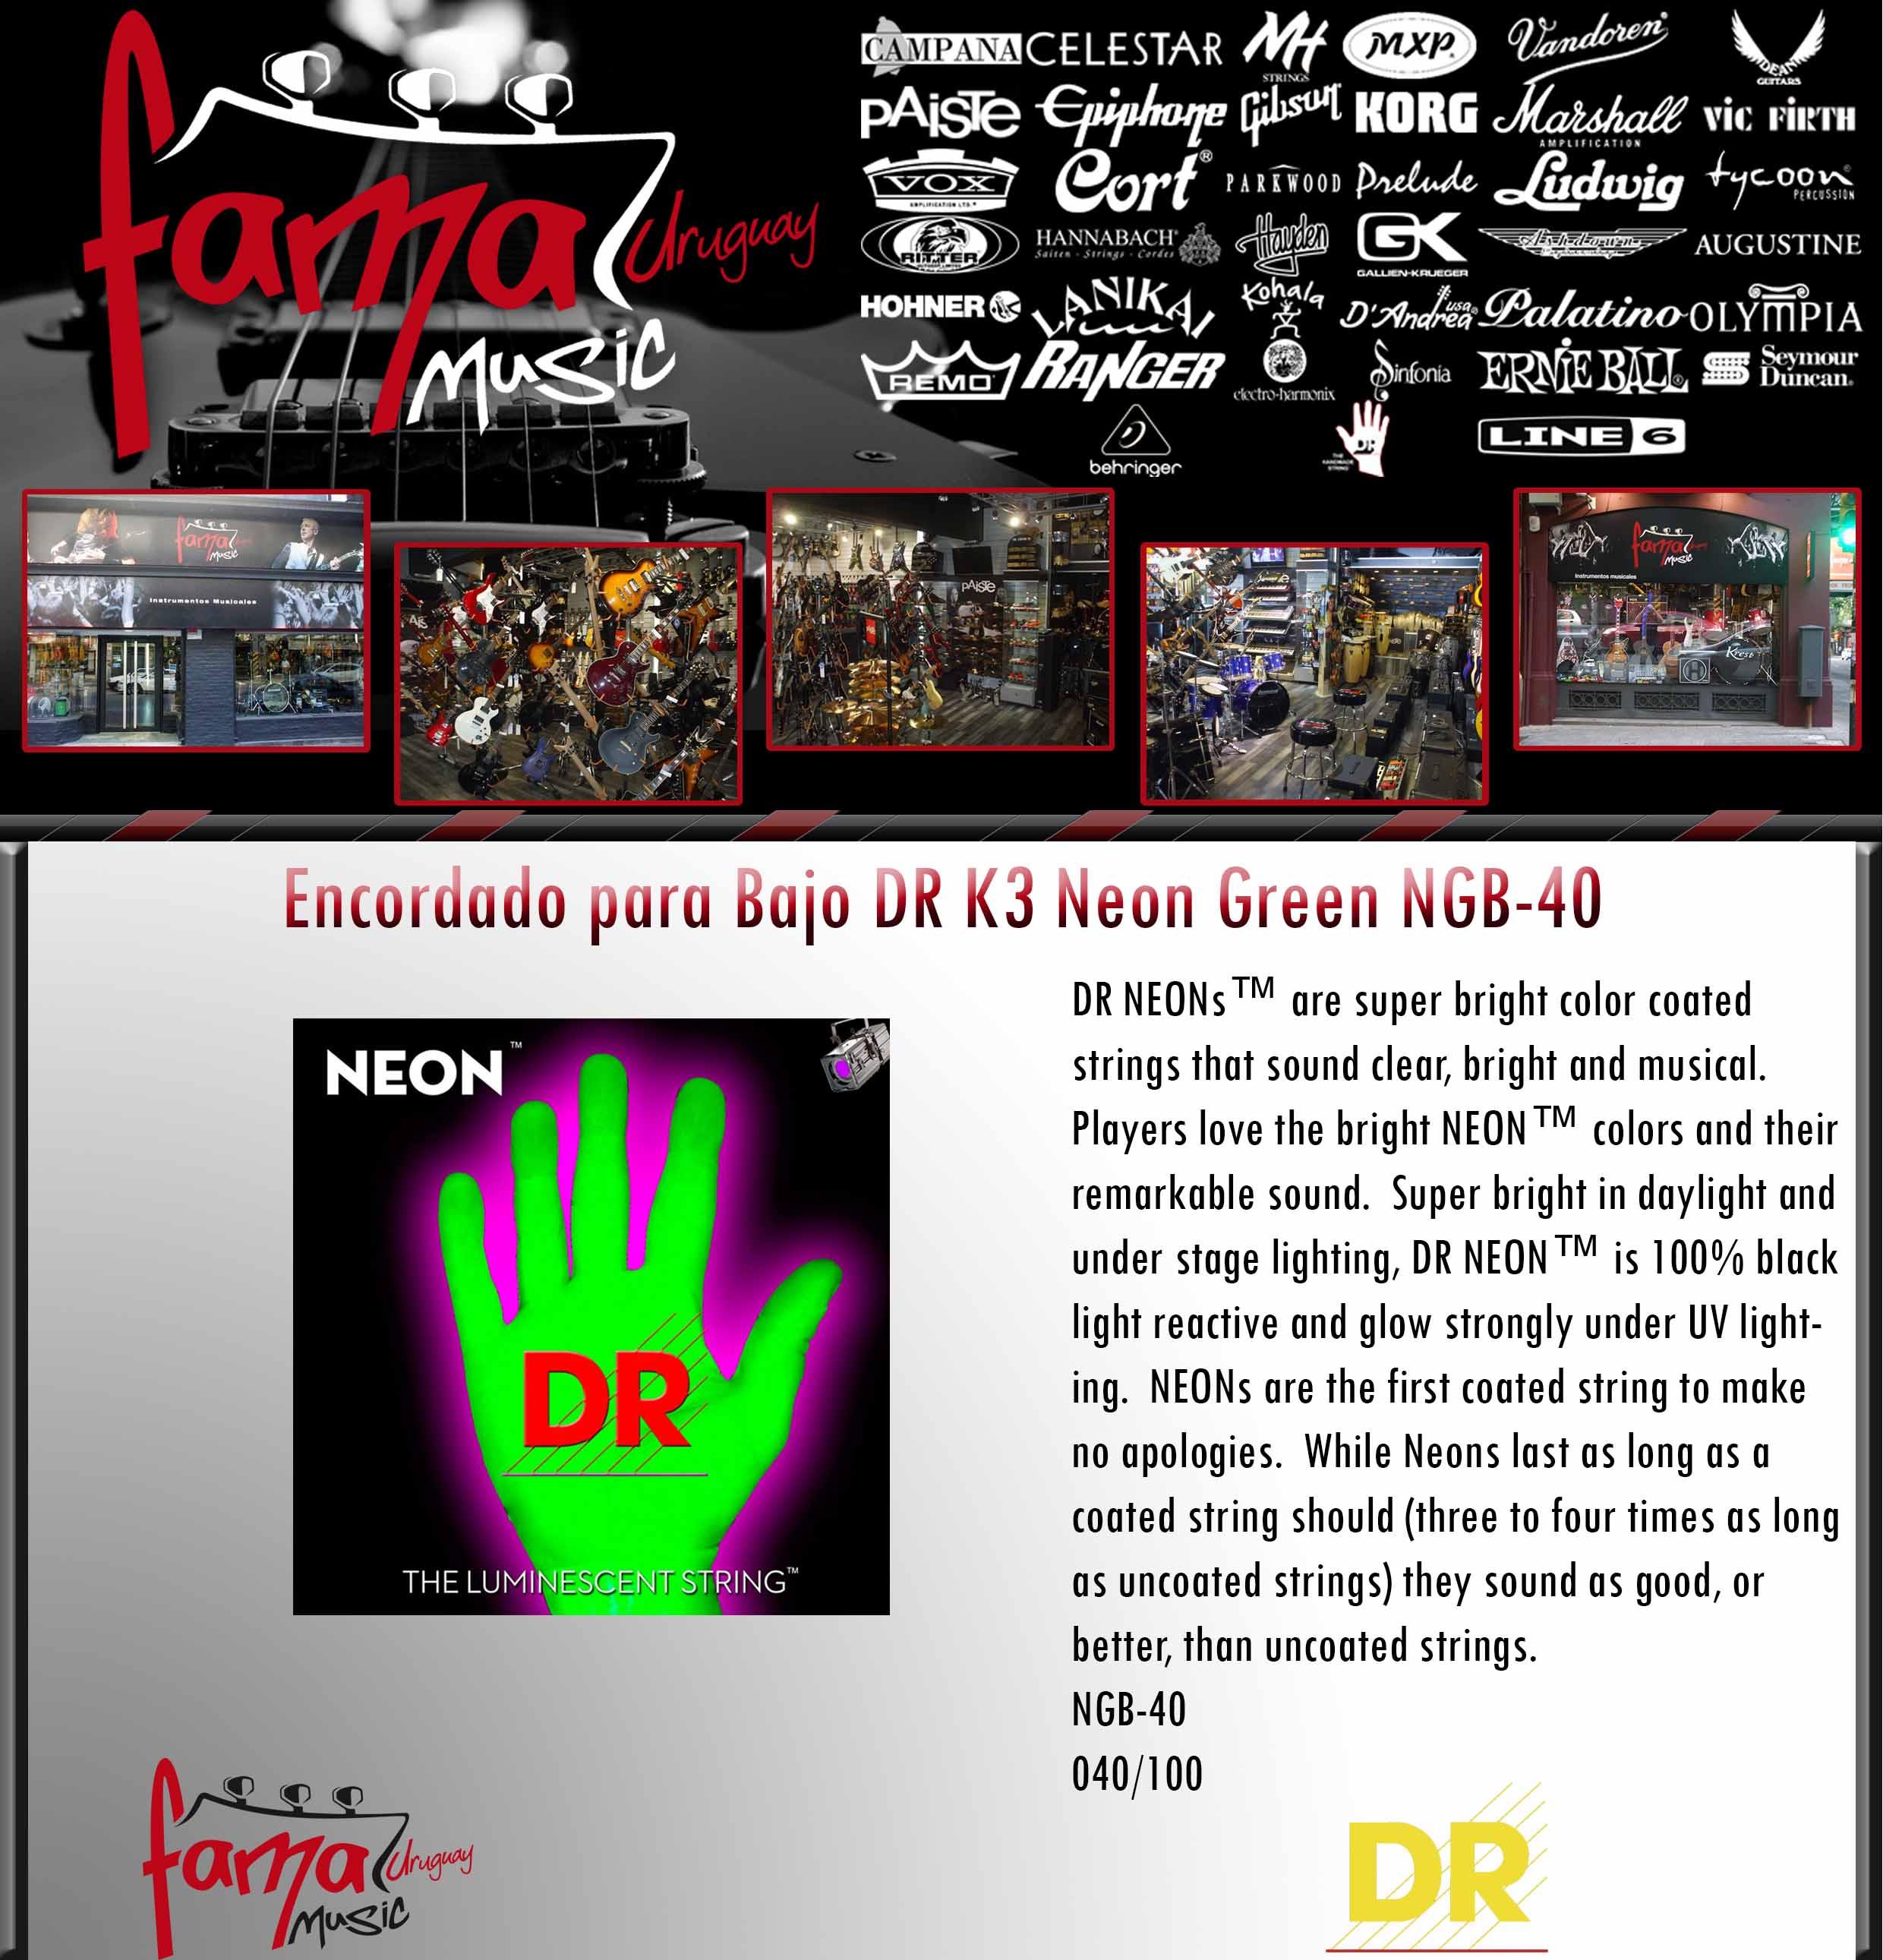 Encordado para Bajo DR K3 Neon Green NGB-40